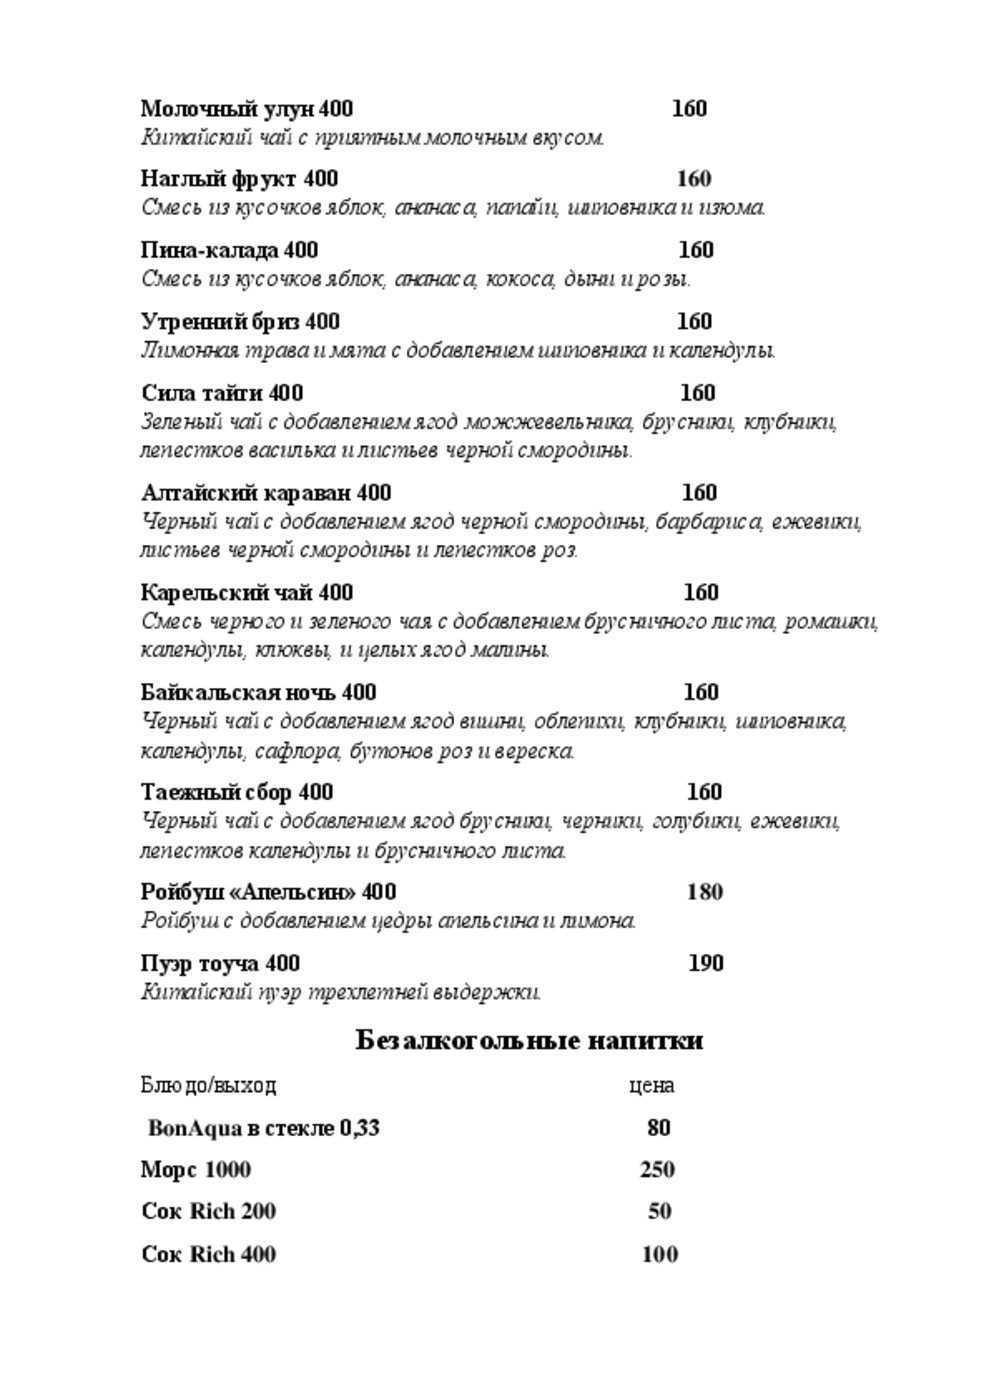 """Меню ресторана В Шоколаде (Санаторий """"Матрёшка Плаза"""") на улице Енисейской"""